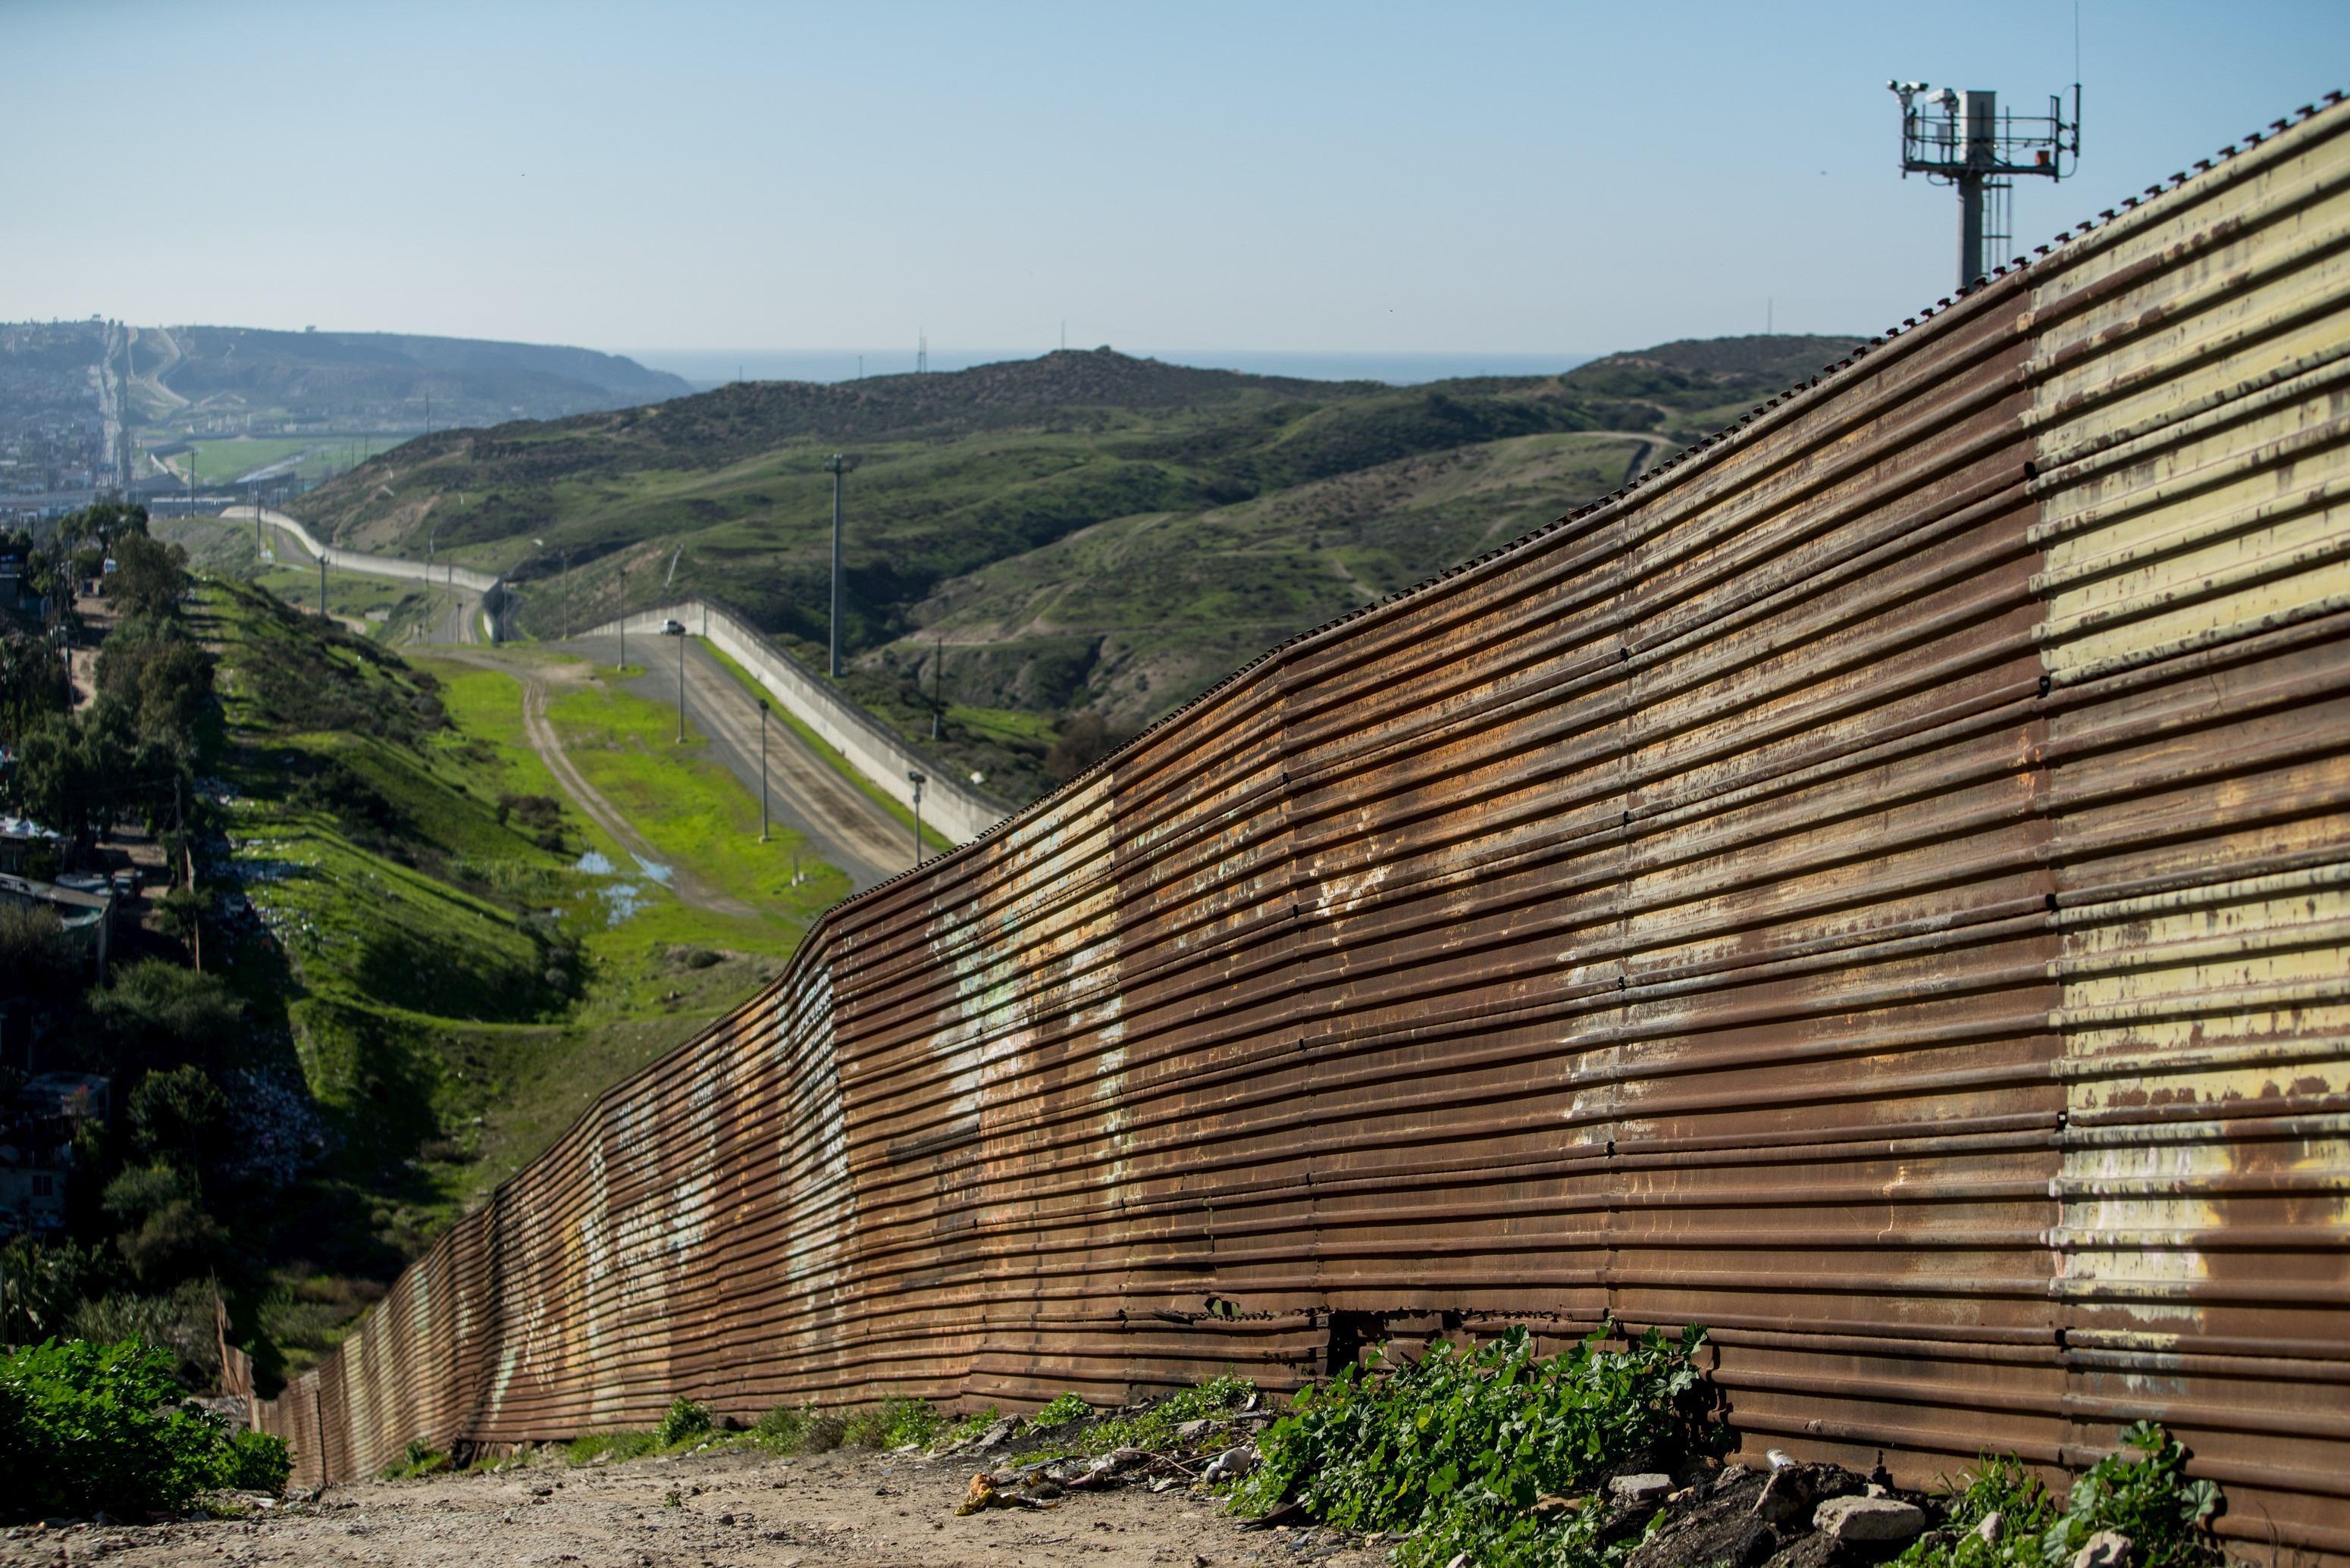 SUA ridică baricade la graniţa cu Mexicul, pe măsură ce caravana cu imigranţi se apropie